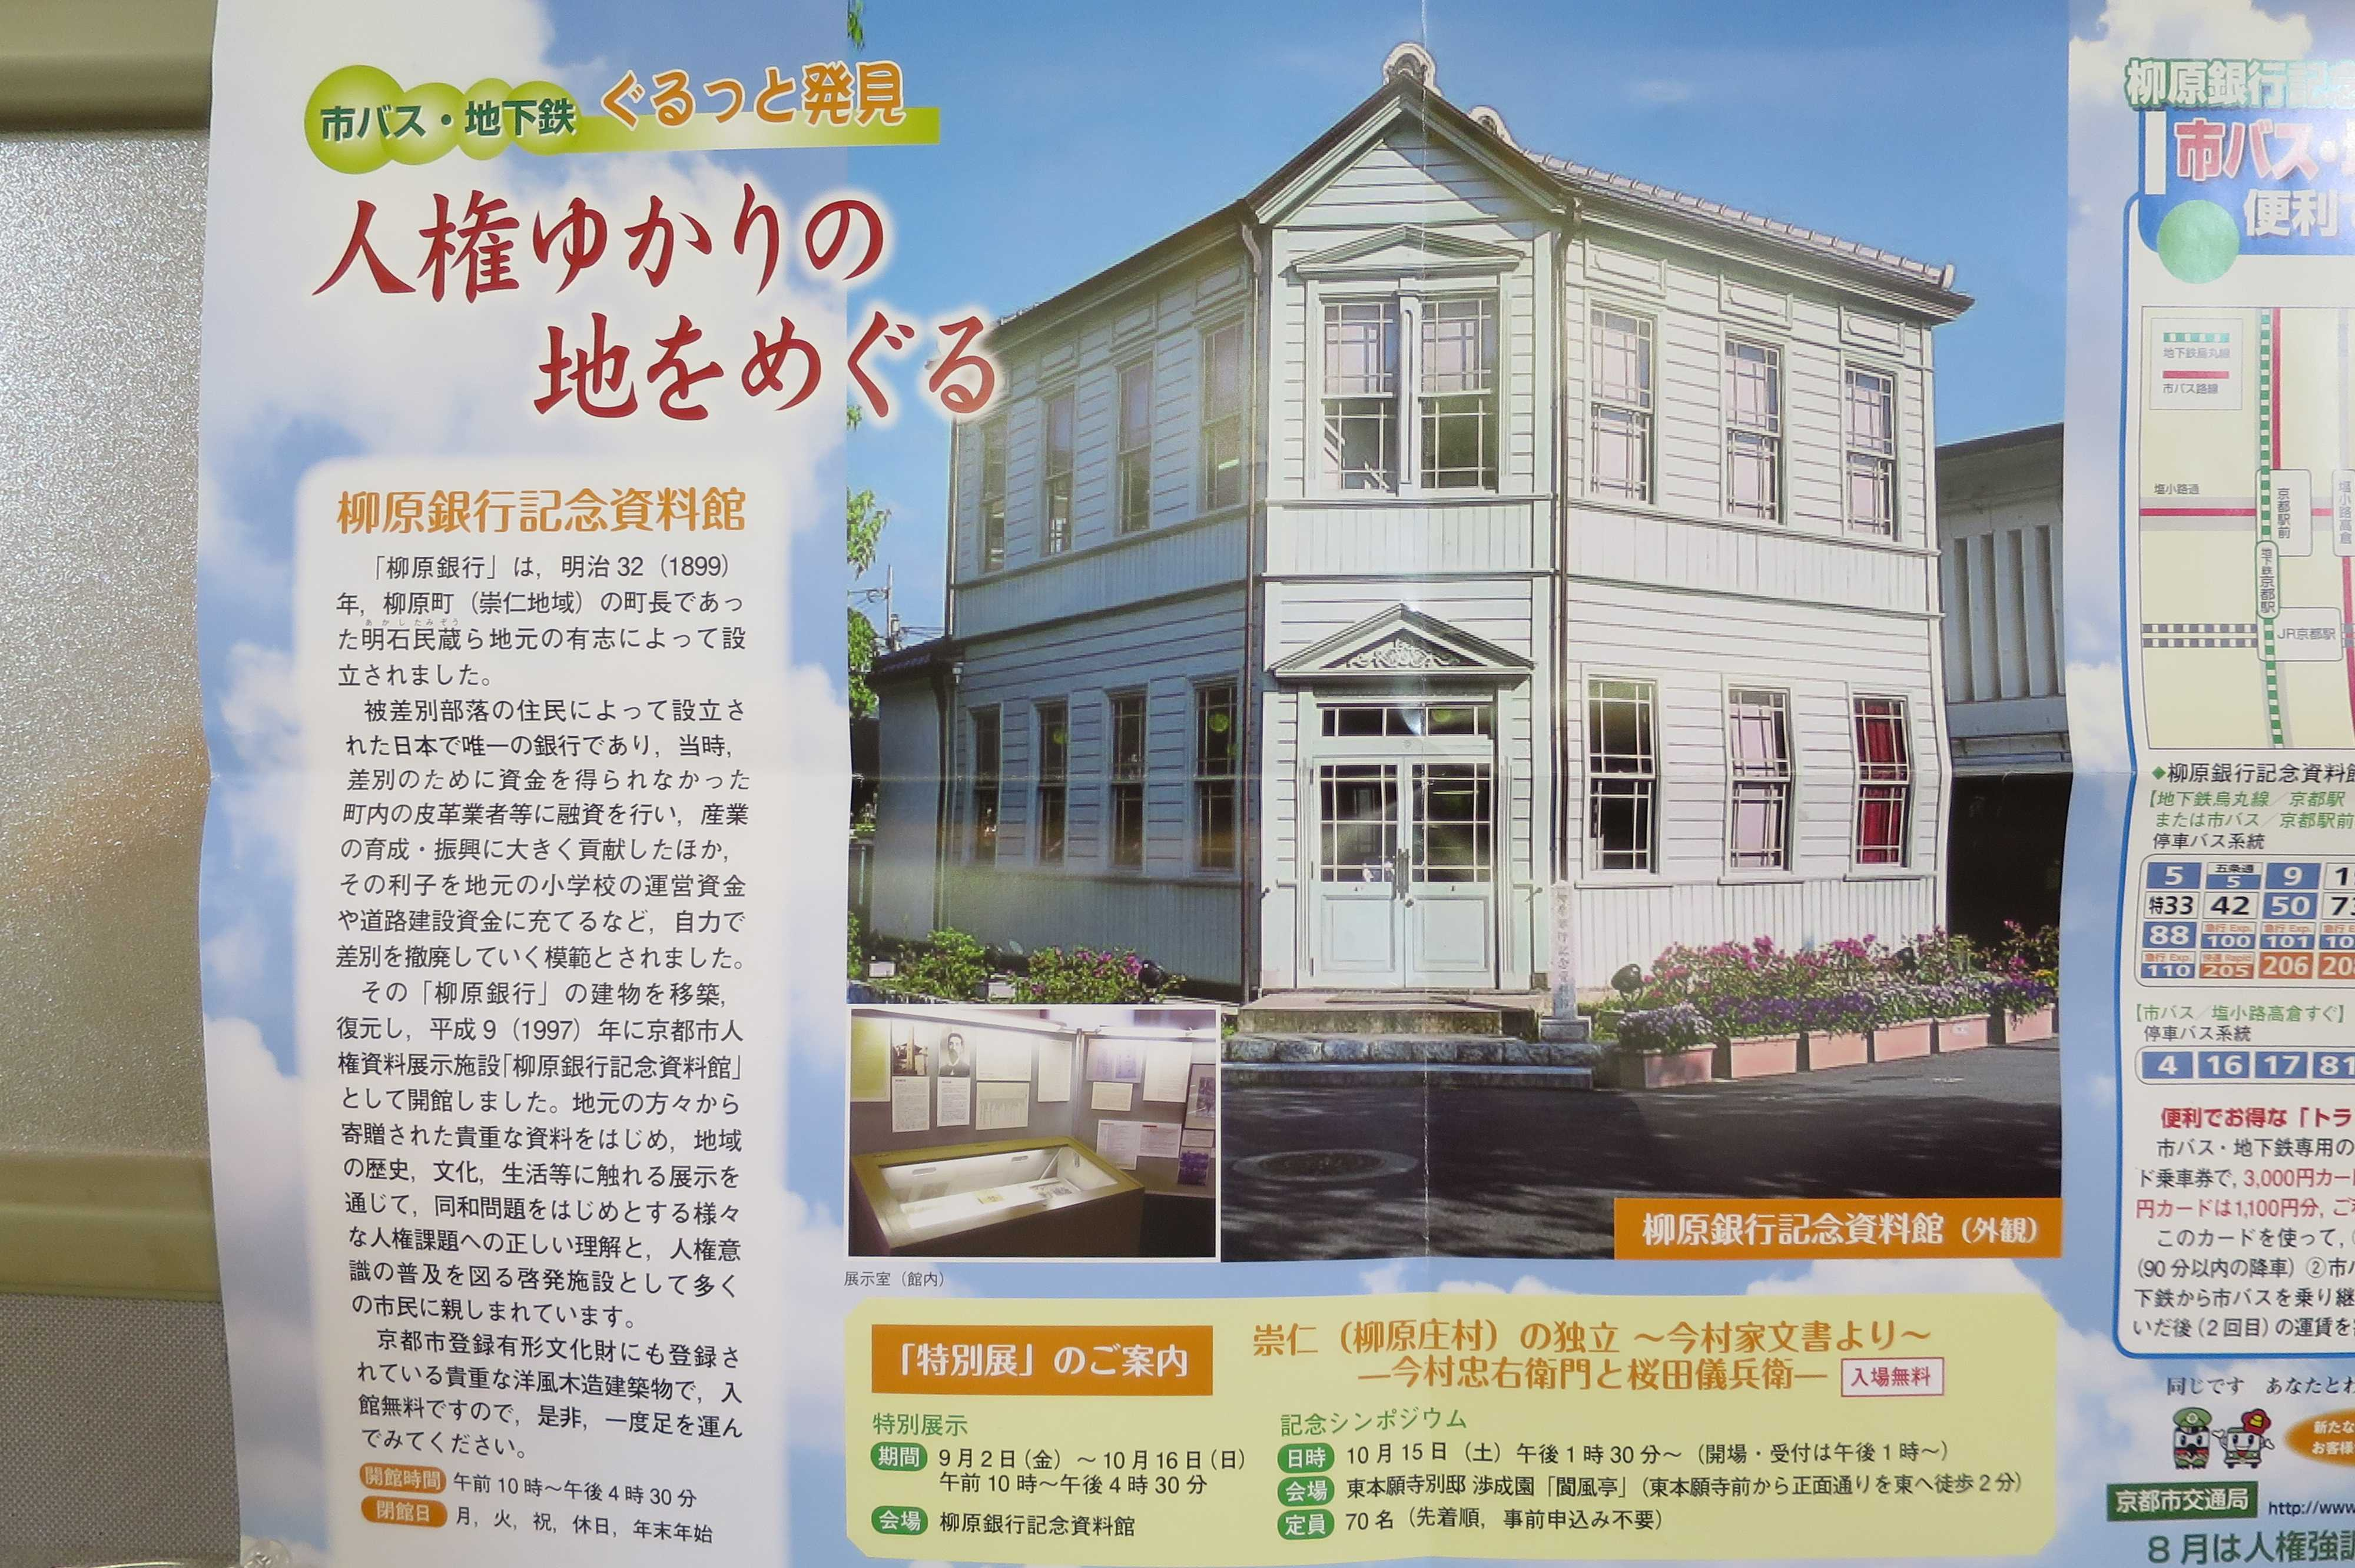 京都・崇仁地区 - 人権ゆかりの地をめぐる ポスター